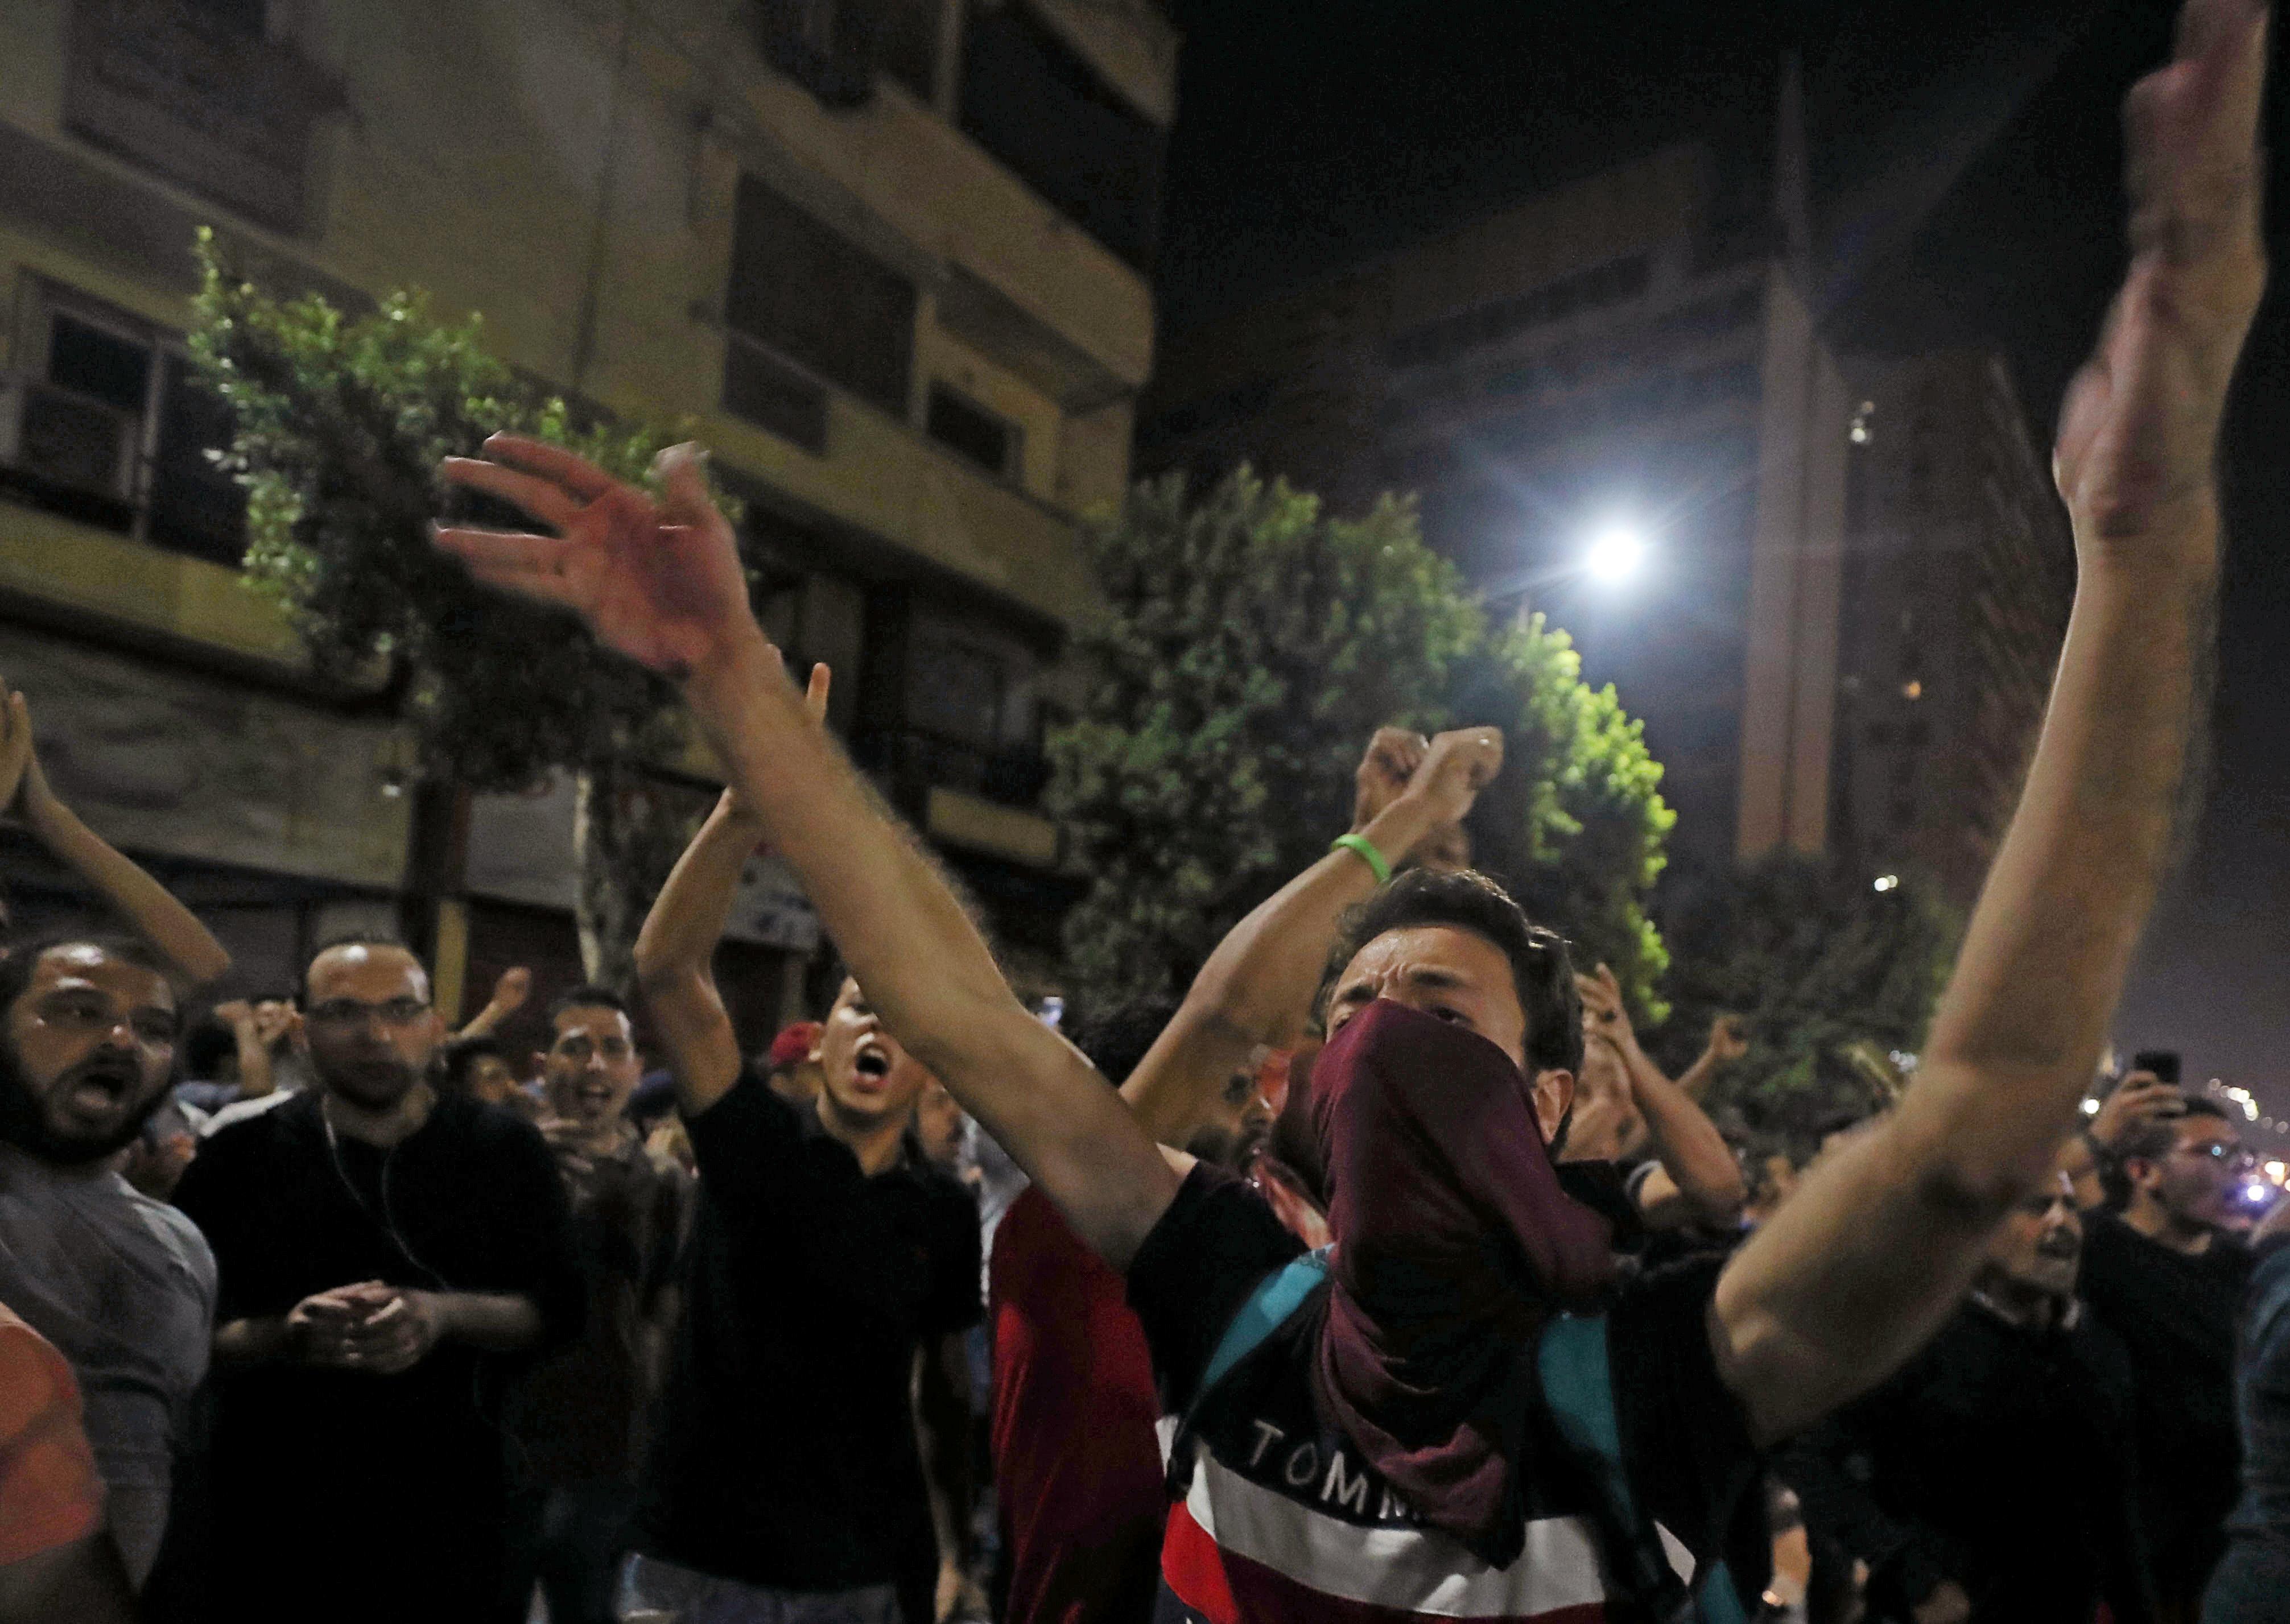 مجموعات صغيرة تتظاهر قرب ميدان التحرير - 21 سبتمبر 2019